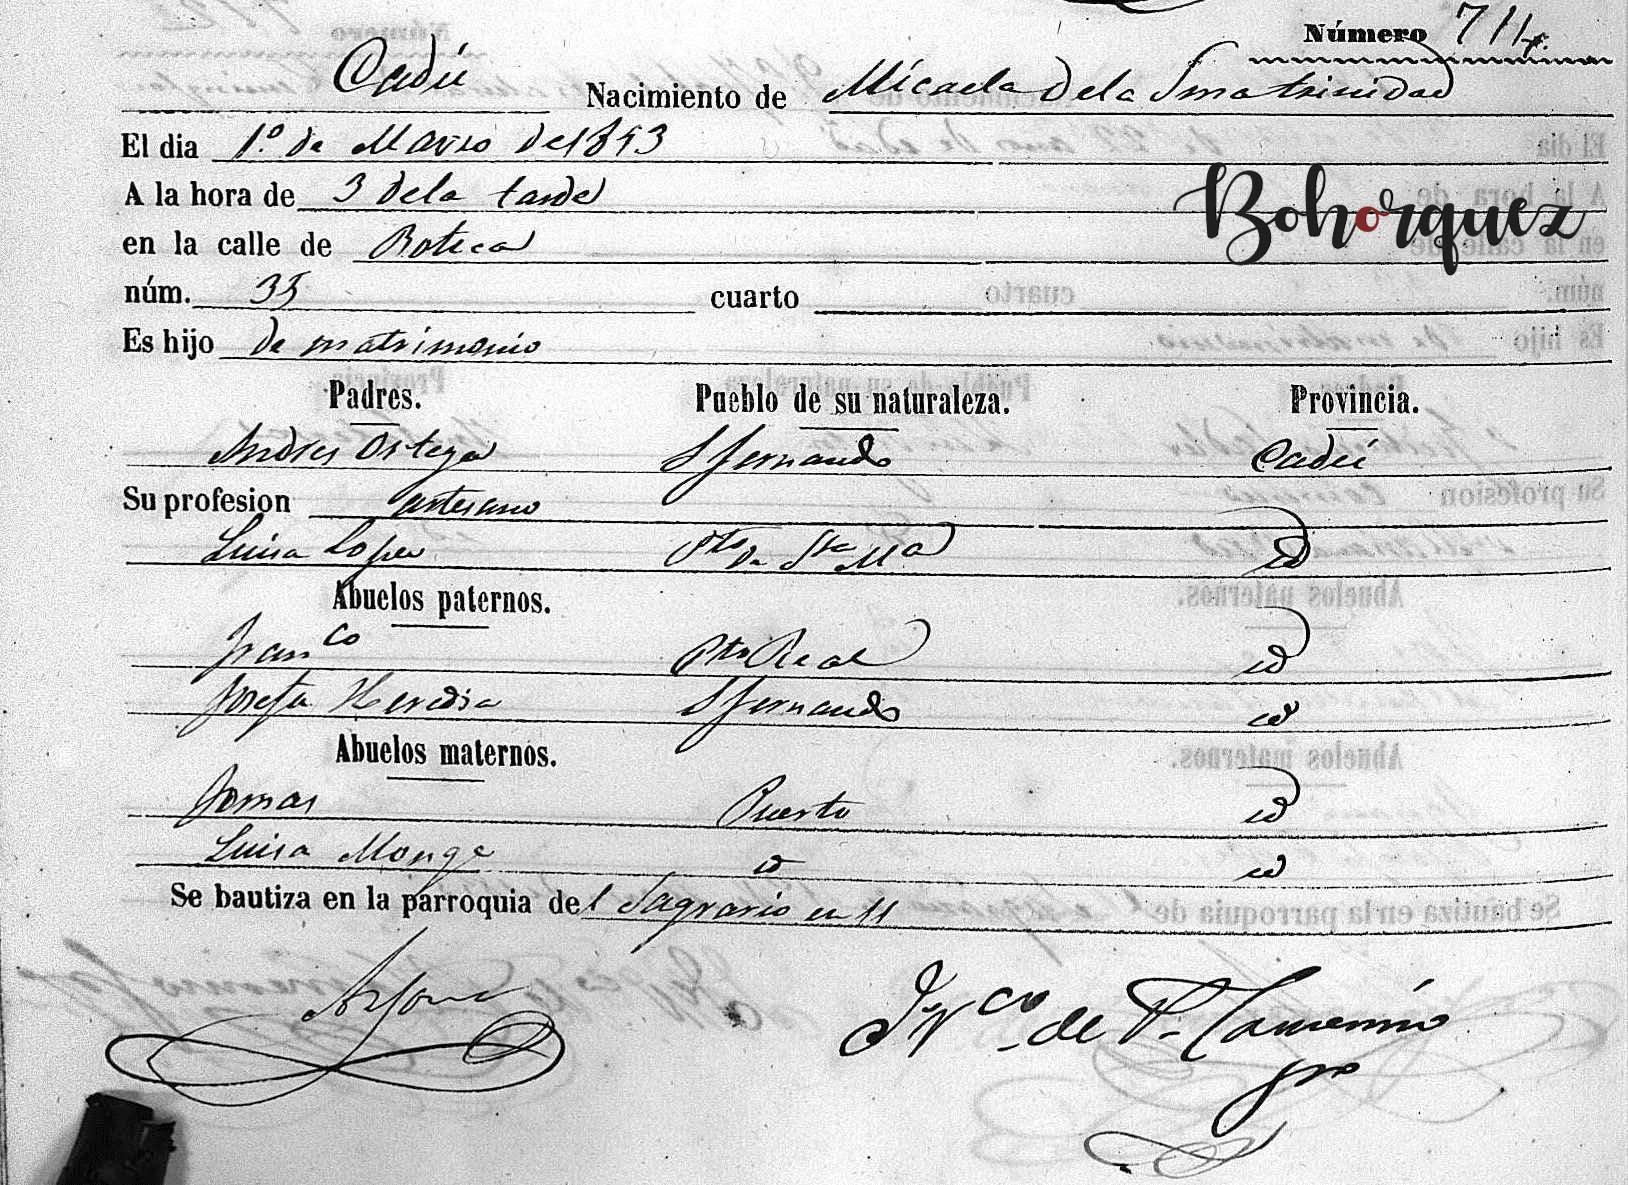 Una de las hermanas de Tomás el Nitri, nacida ya en Cádiz. Archivo Bohórquez.